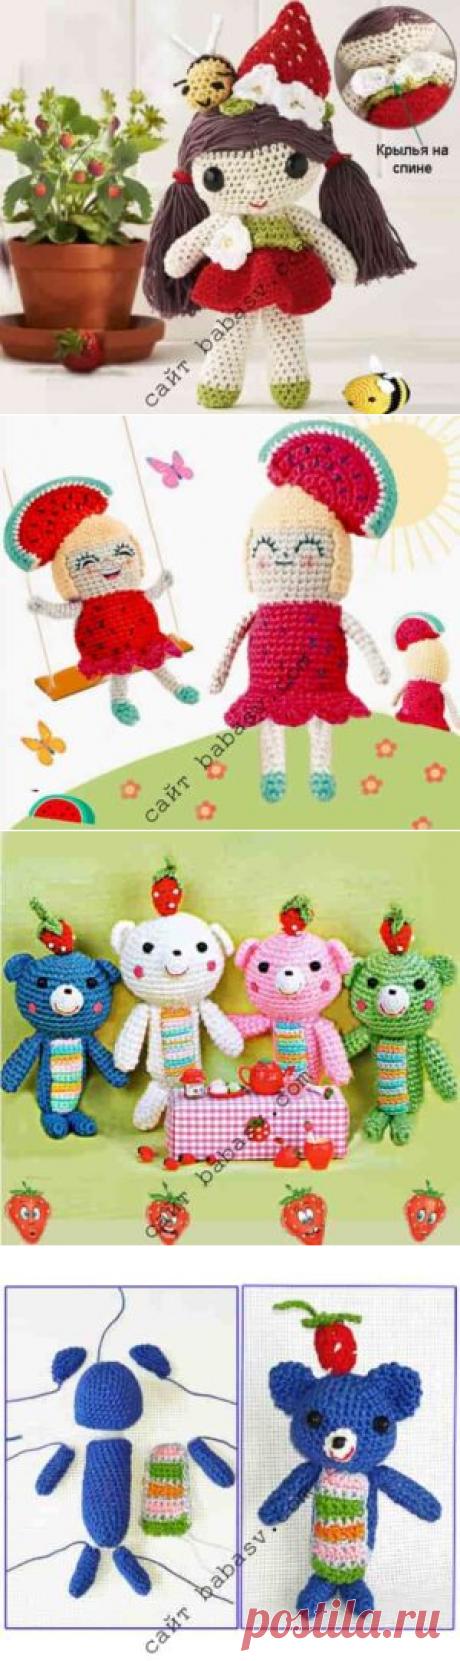 Сладкая ягода: 3 куклы и аксессуары связаны крючком